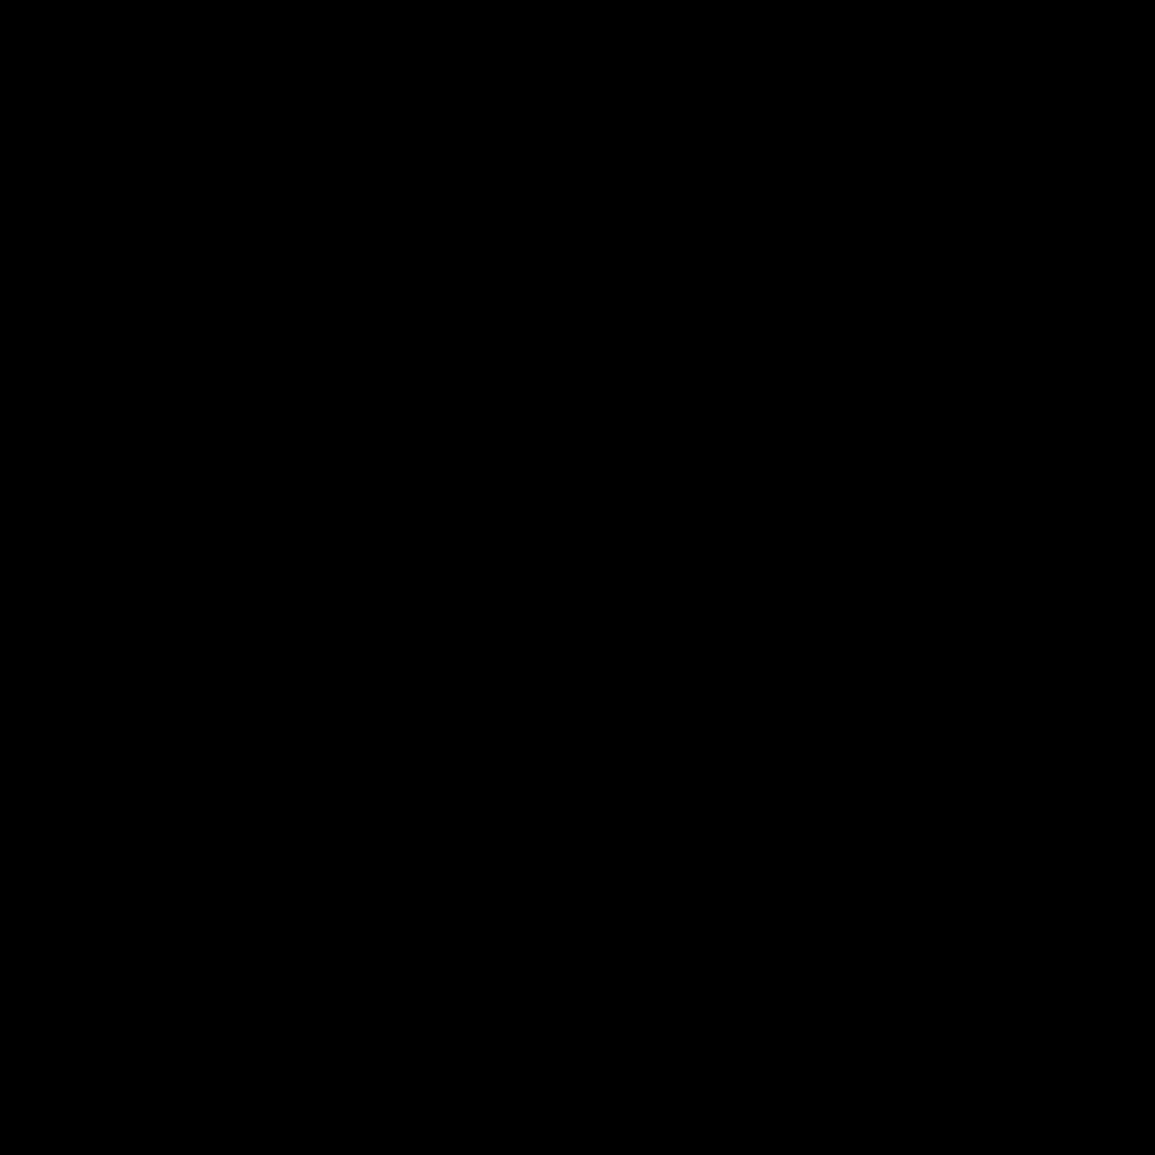 艶 E 小かな ETU-KS 字形見本